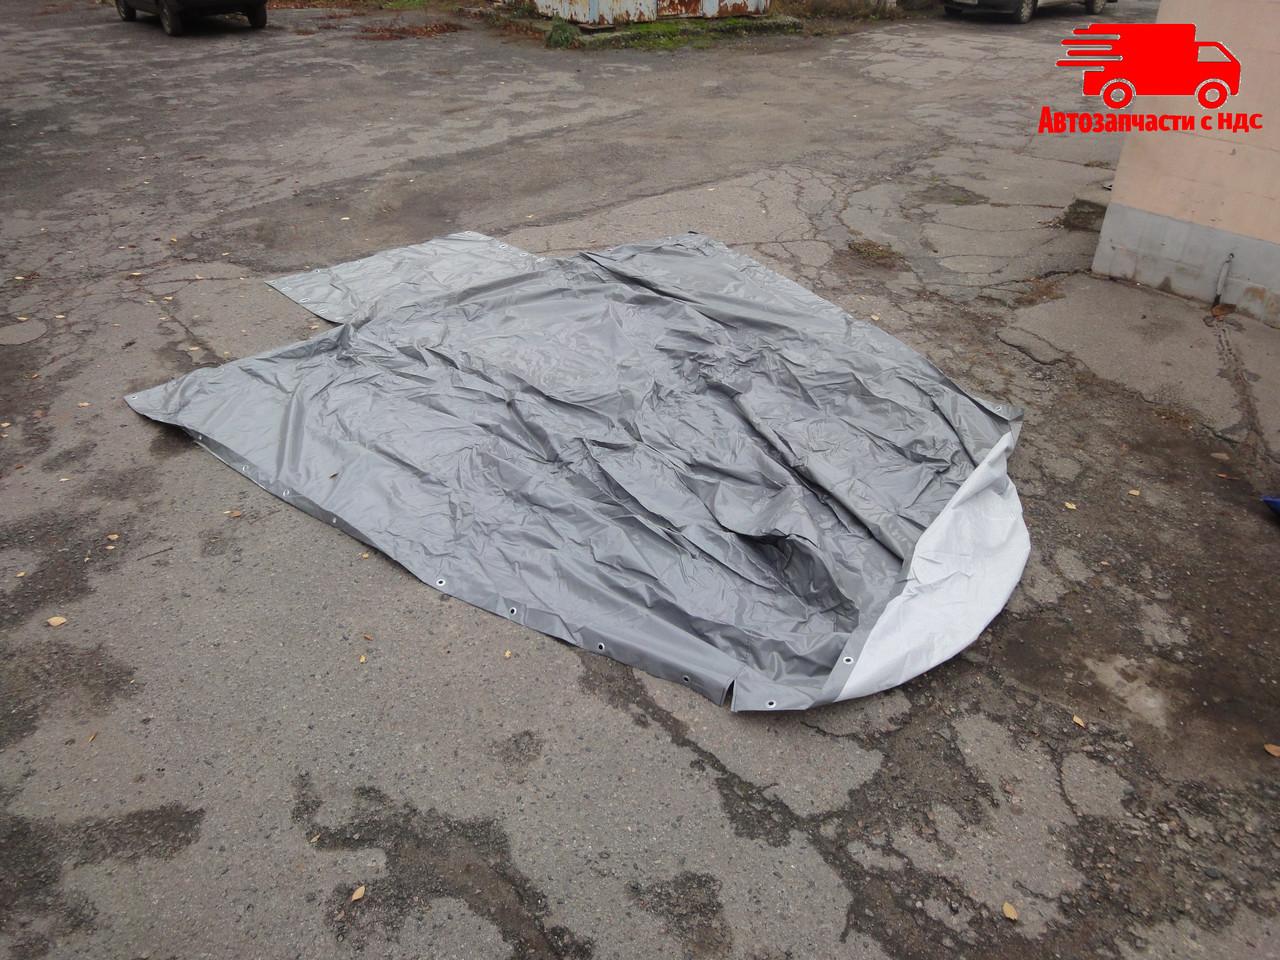 Тент ГАЗЕЛЬ, ГАЗ 3302 (ткань облегченная, цвет серый). 3302-6002020. Ціна з ПДВ.